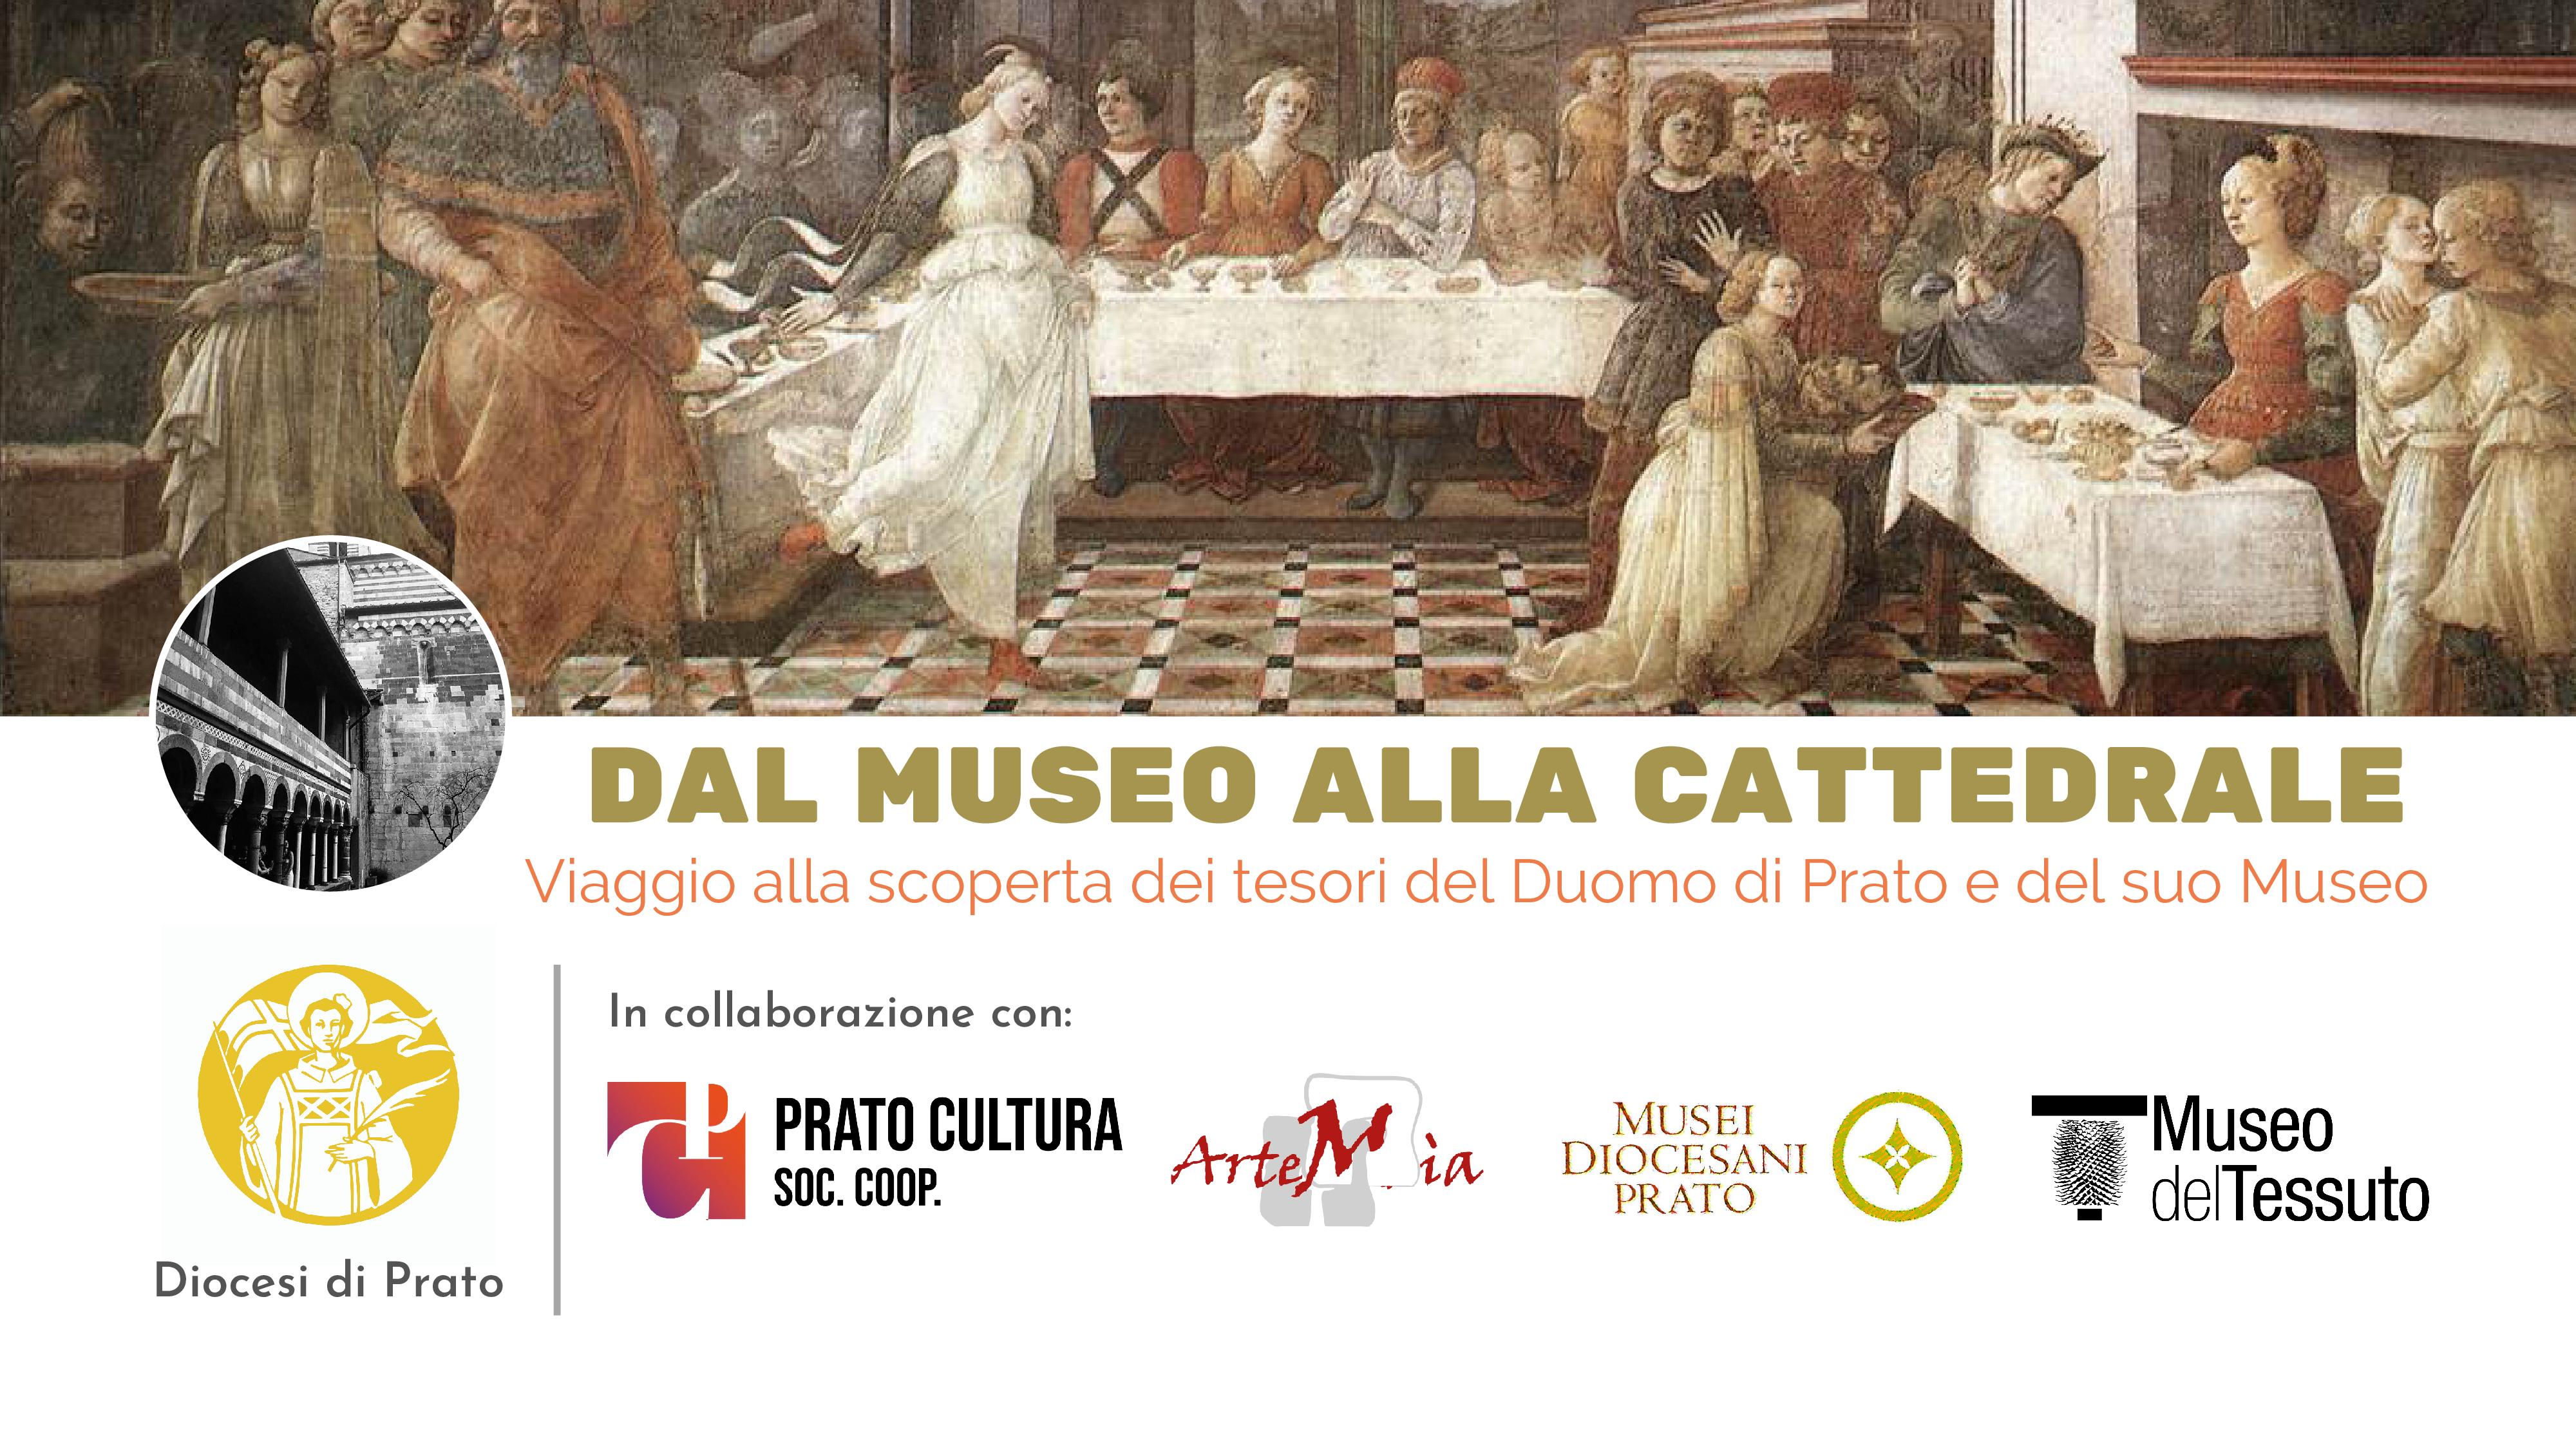 Dal Museo alla Cattedrale. Viaggio alla scoperta dei tesori del Duomo di Prato